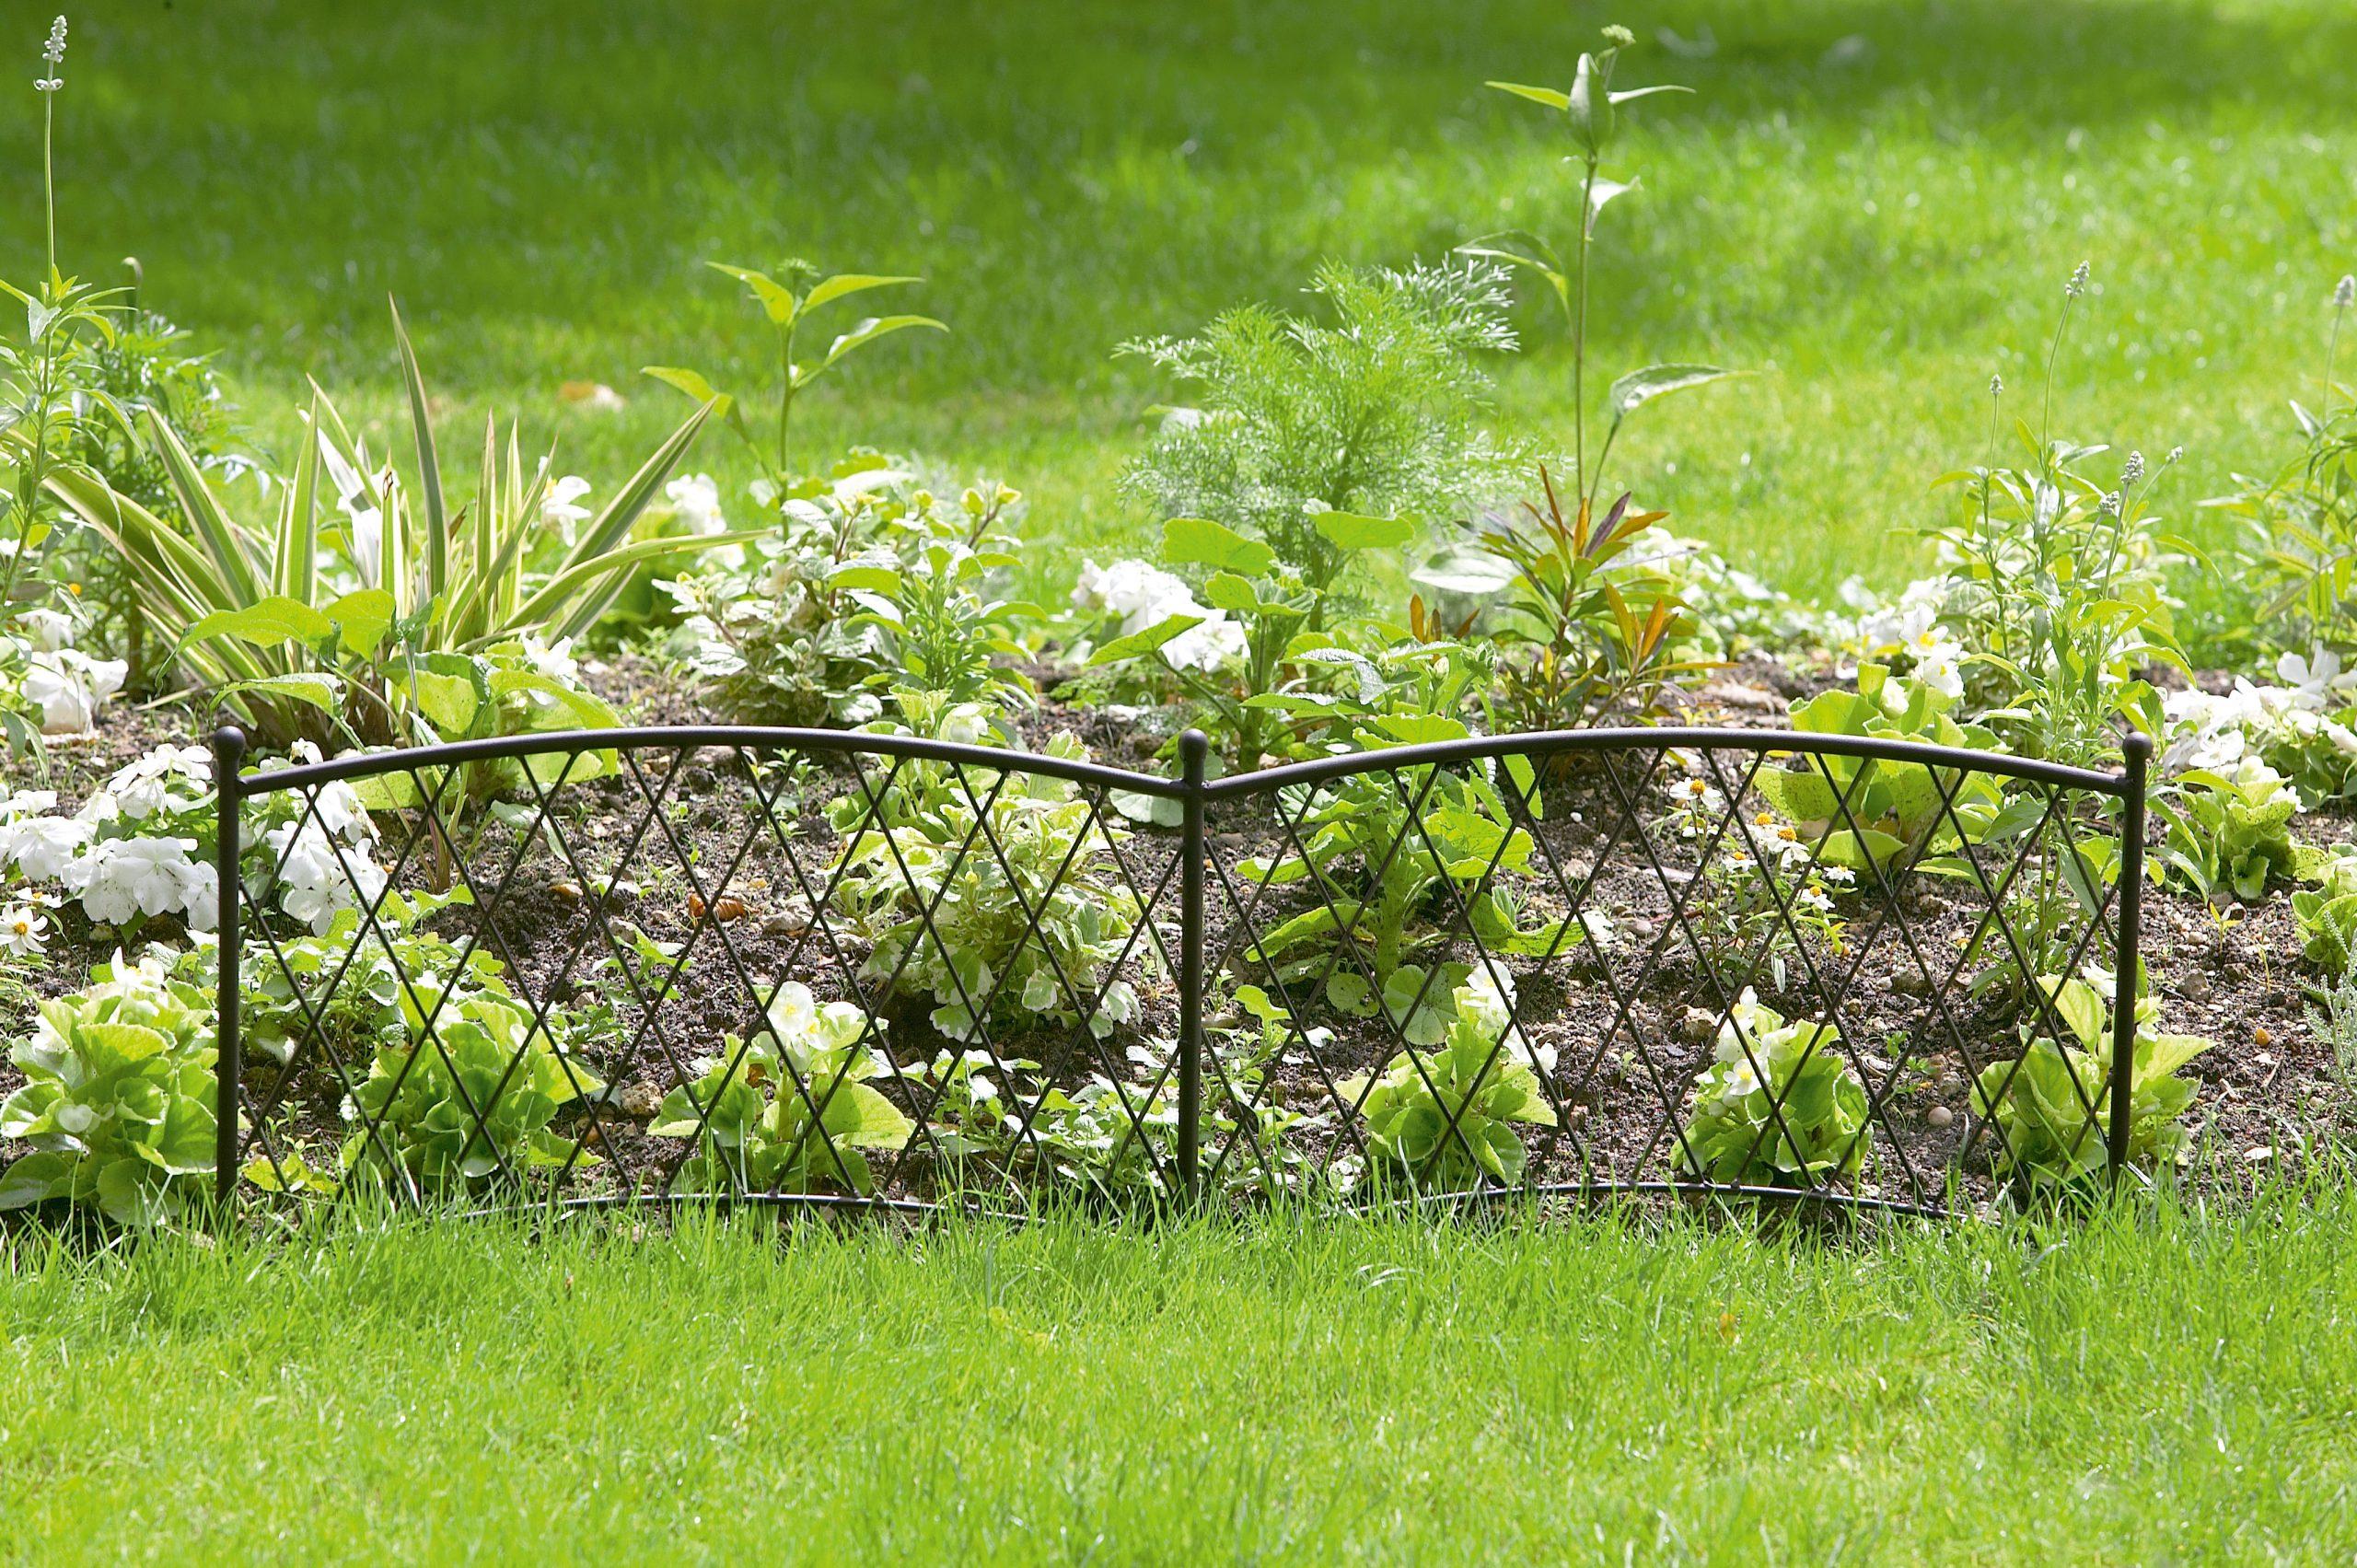 Bordure Décorative En Métal Époxy - Nortene intérieur Bordure De Jardin En Grillage